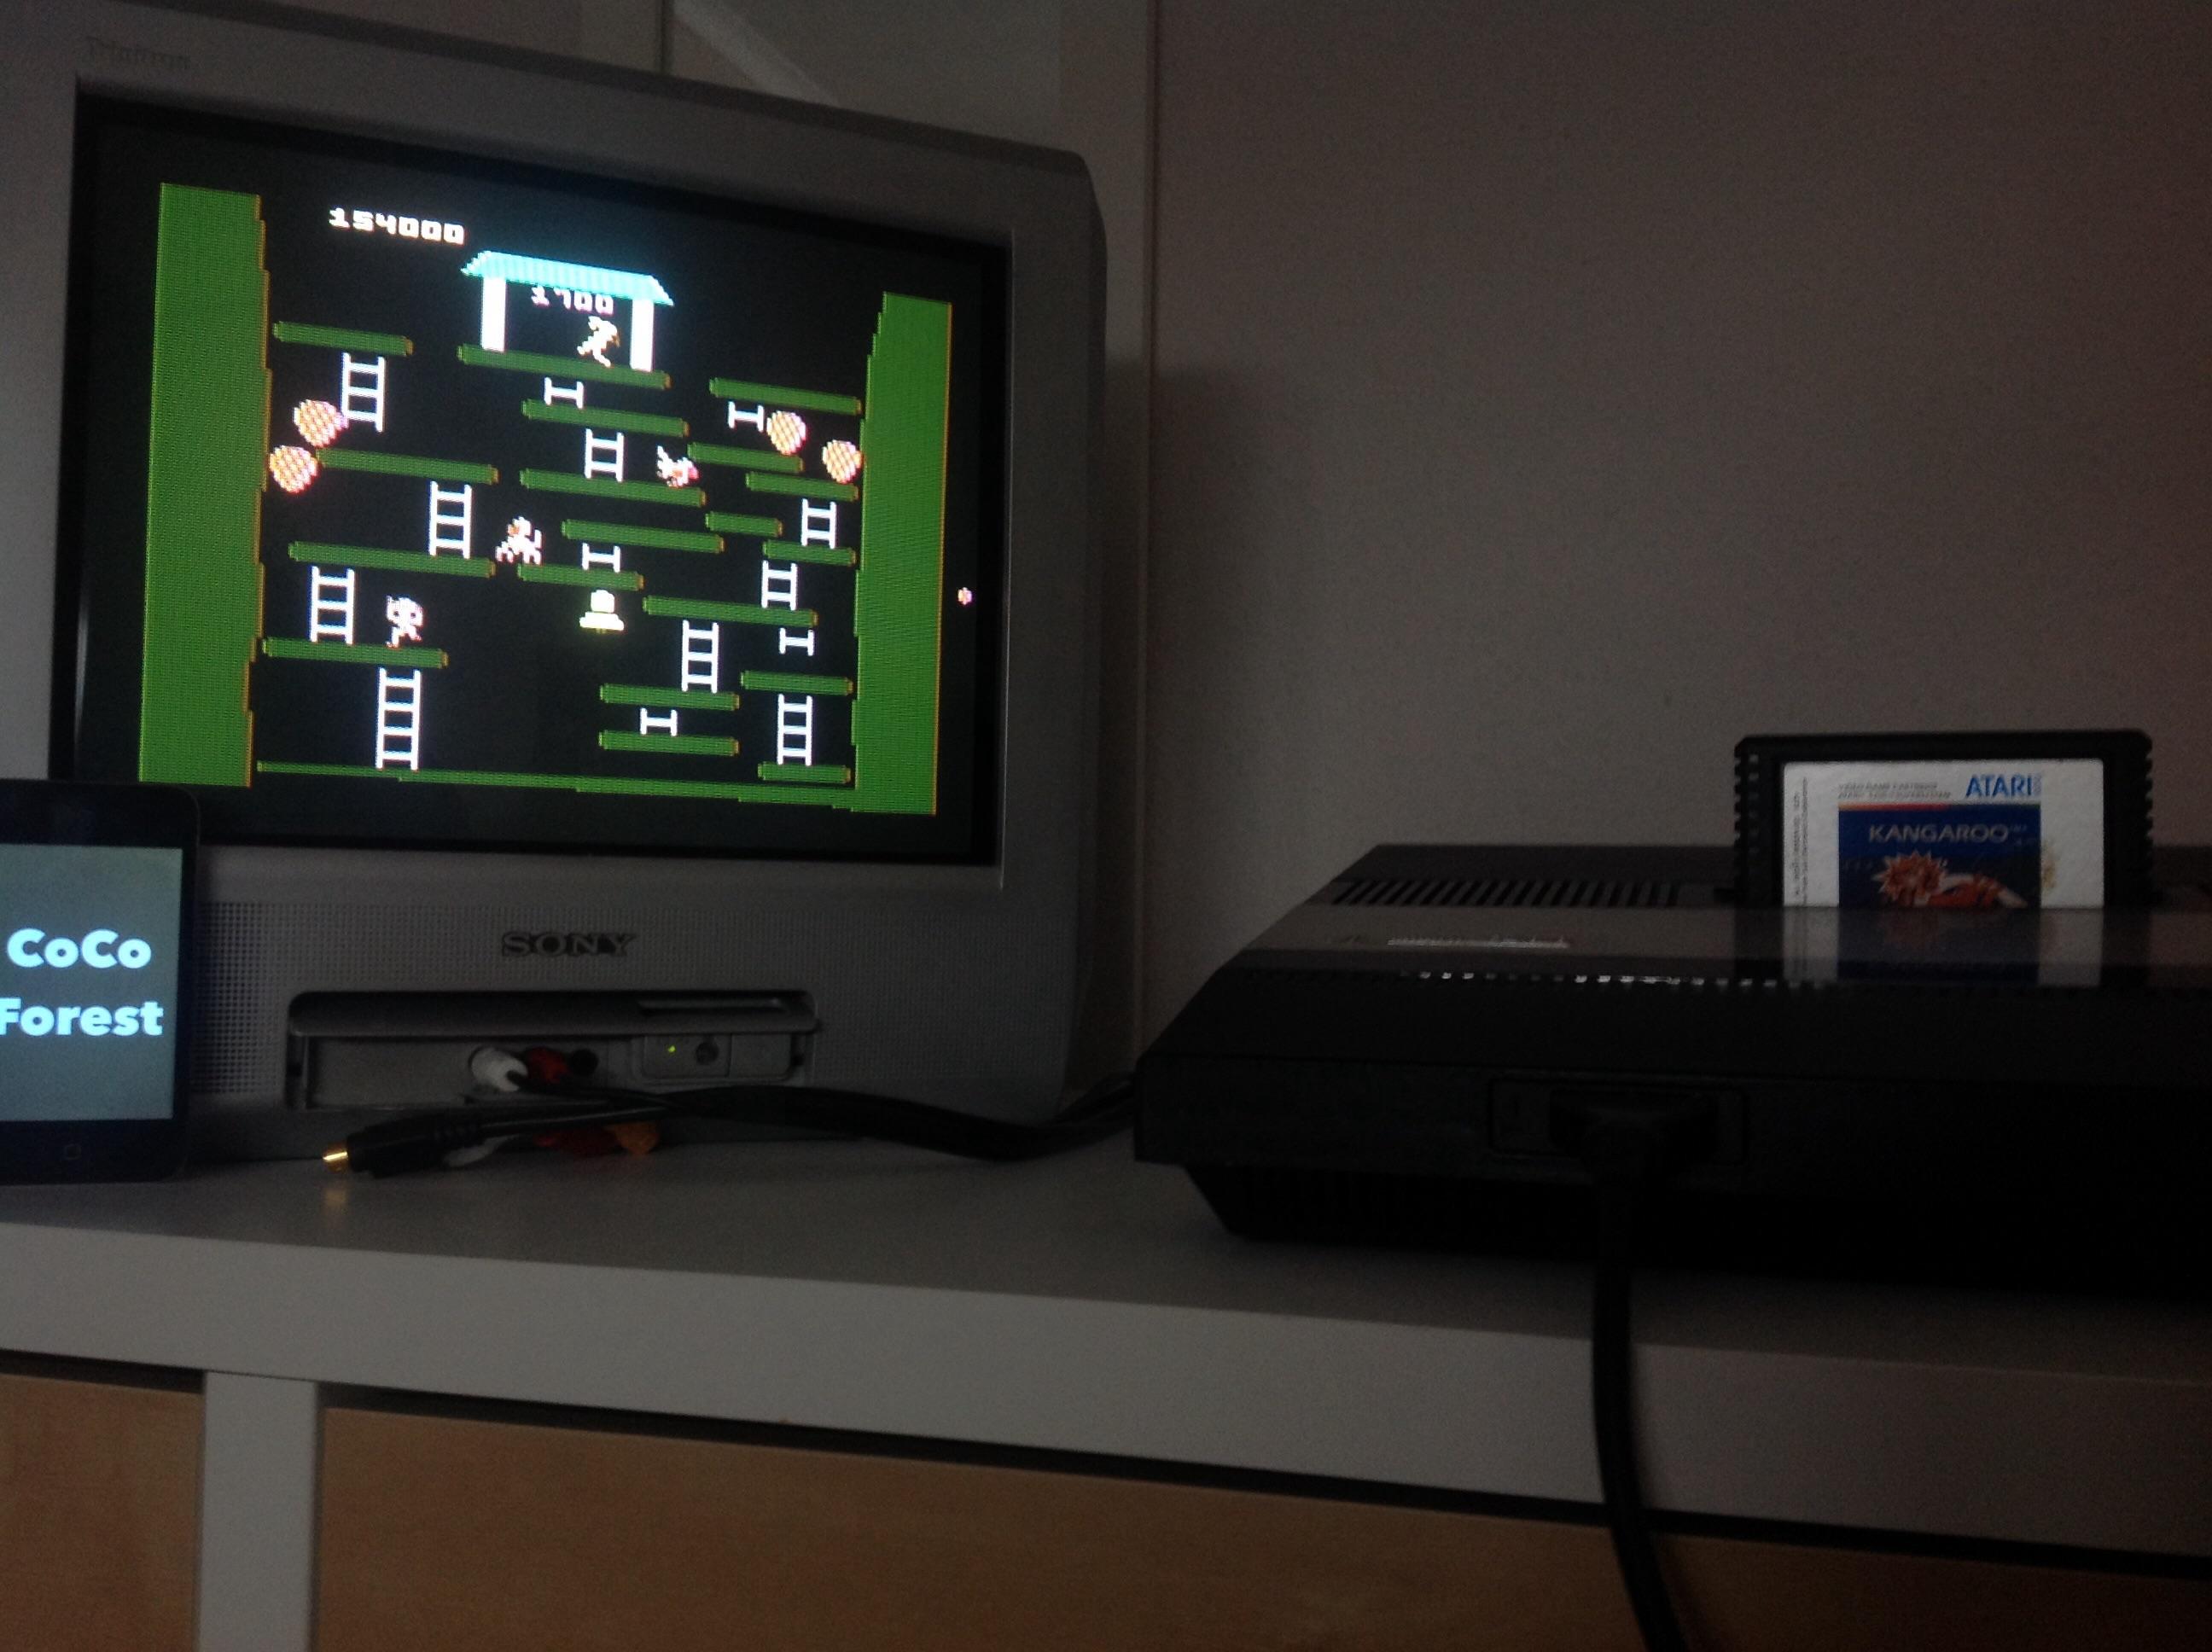 CoCoForest: Kangaroo: Novice (Atari 5200) 154,000 points on 2015-02-07 05:56:59